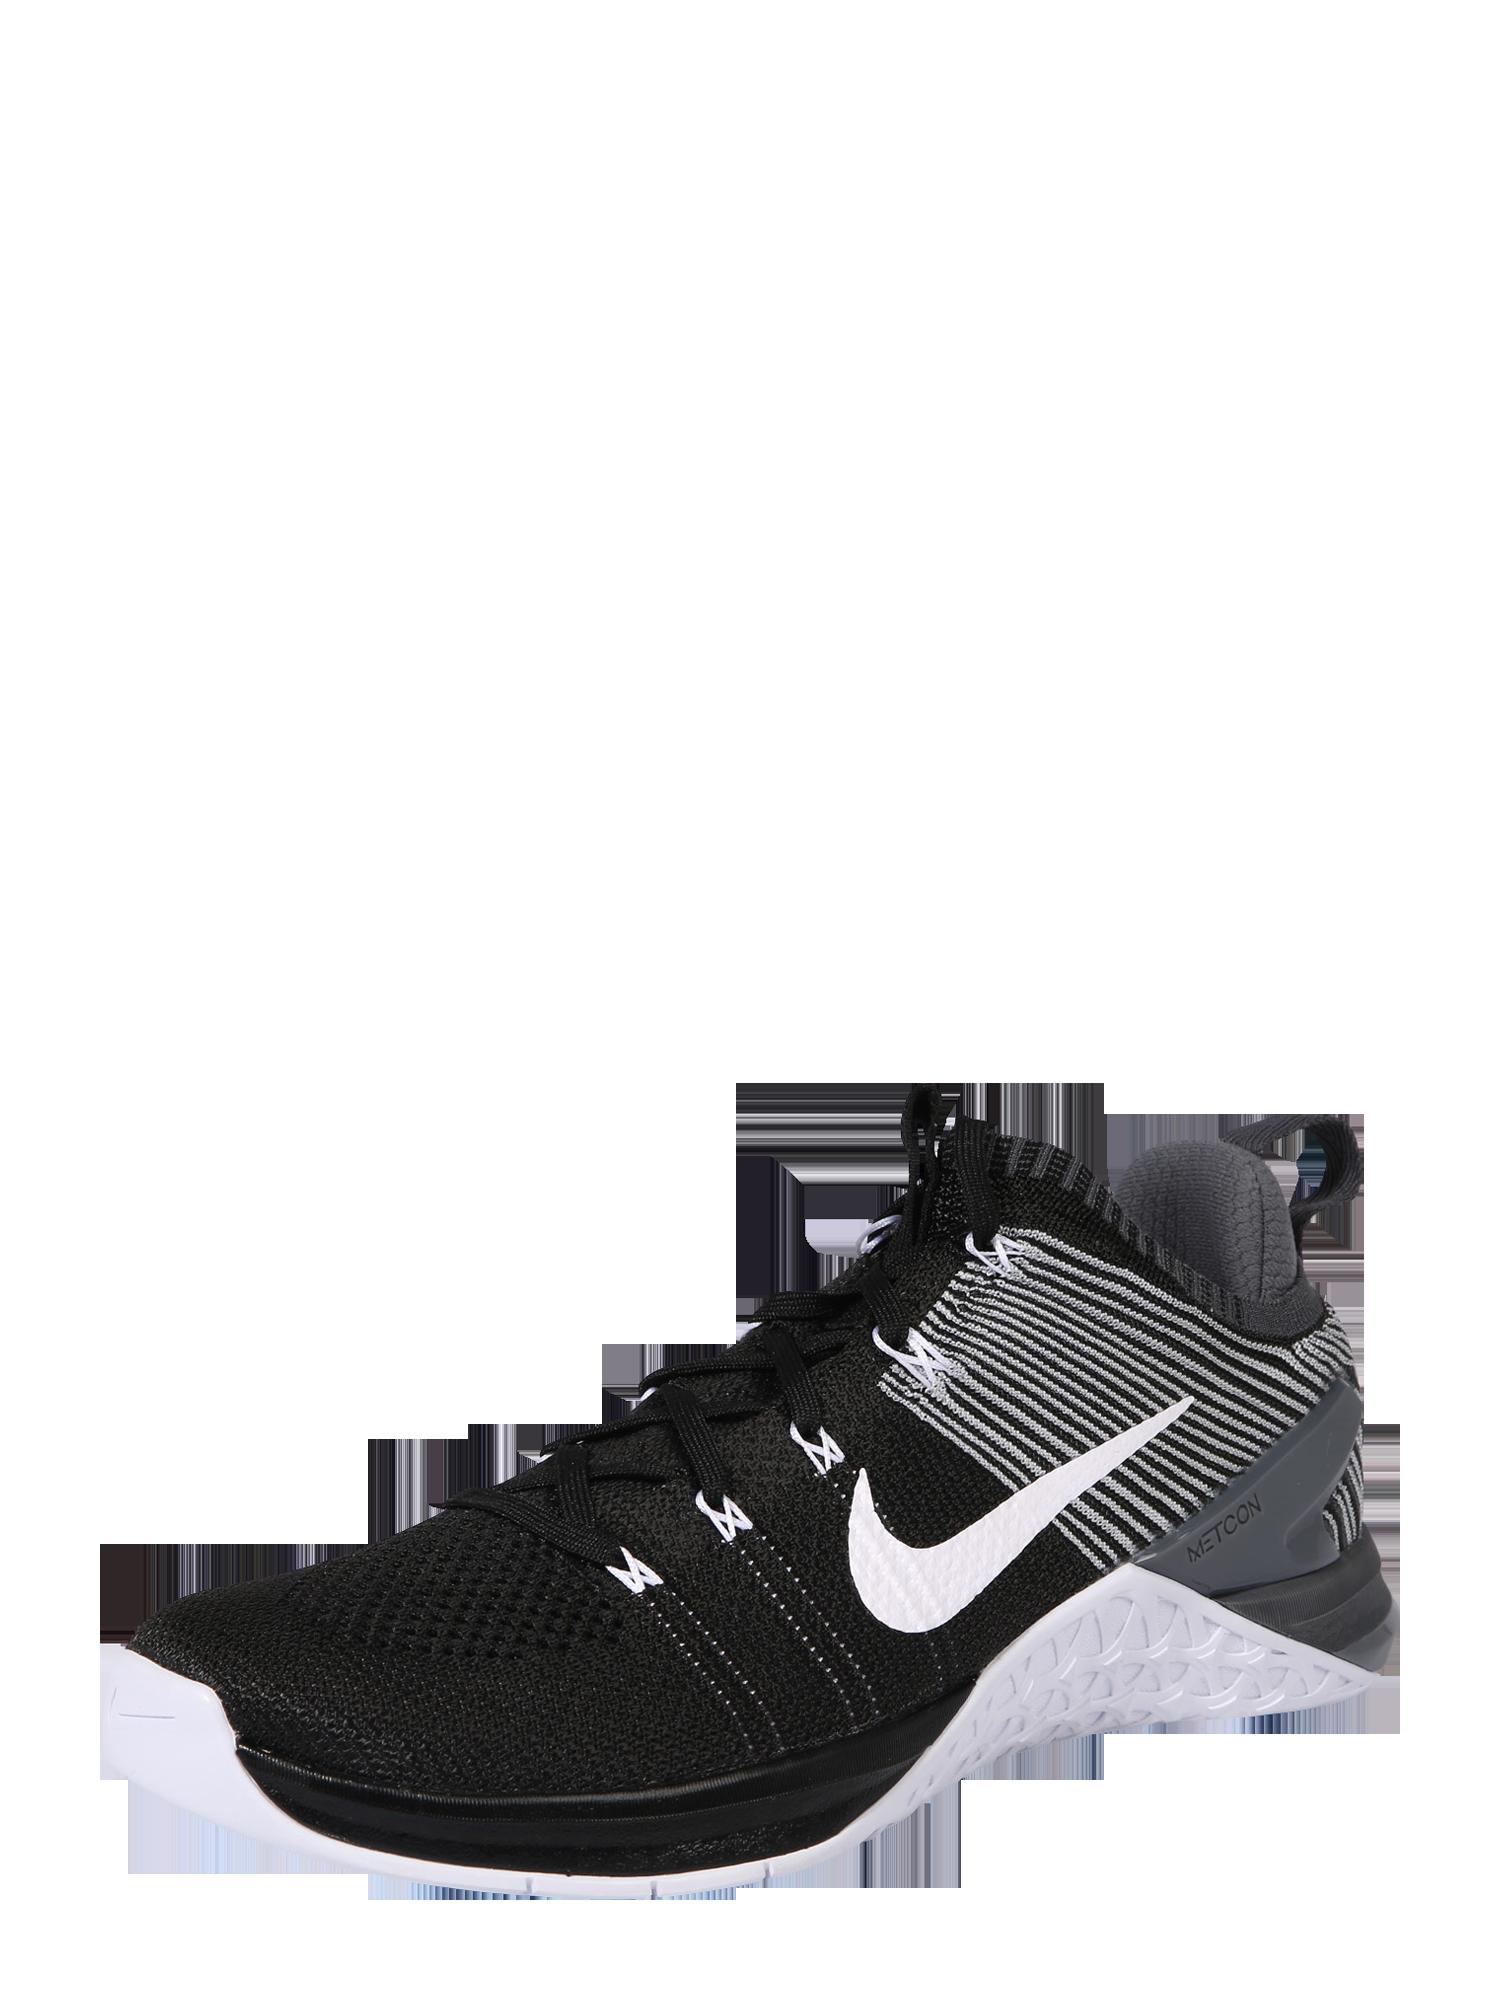 Schuhe Sneaker Herren Nike Sneaker Metcon Dsx Flyknit 2 Grau Schwarz Weiss Ootd Outfit Fashion Style Online Sneakers Nike